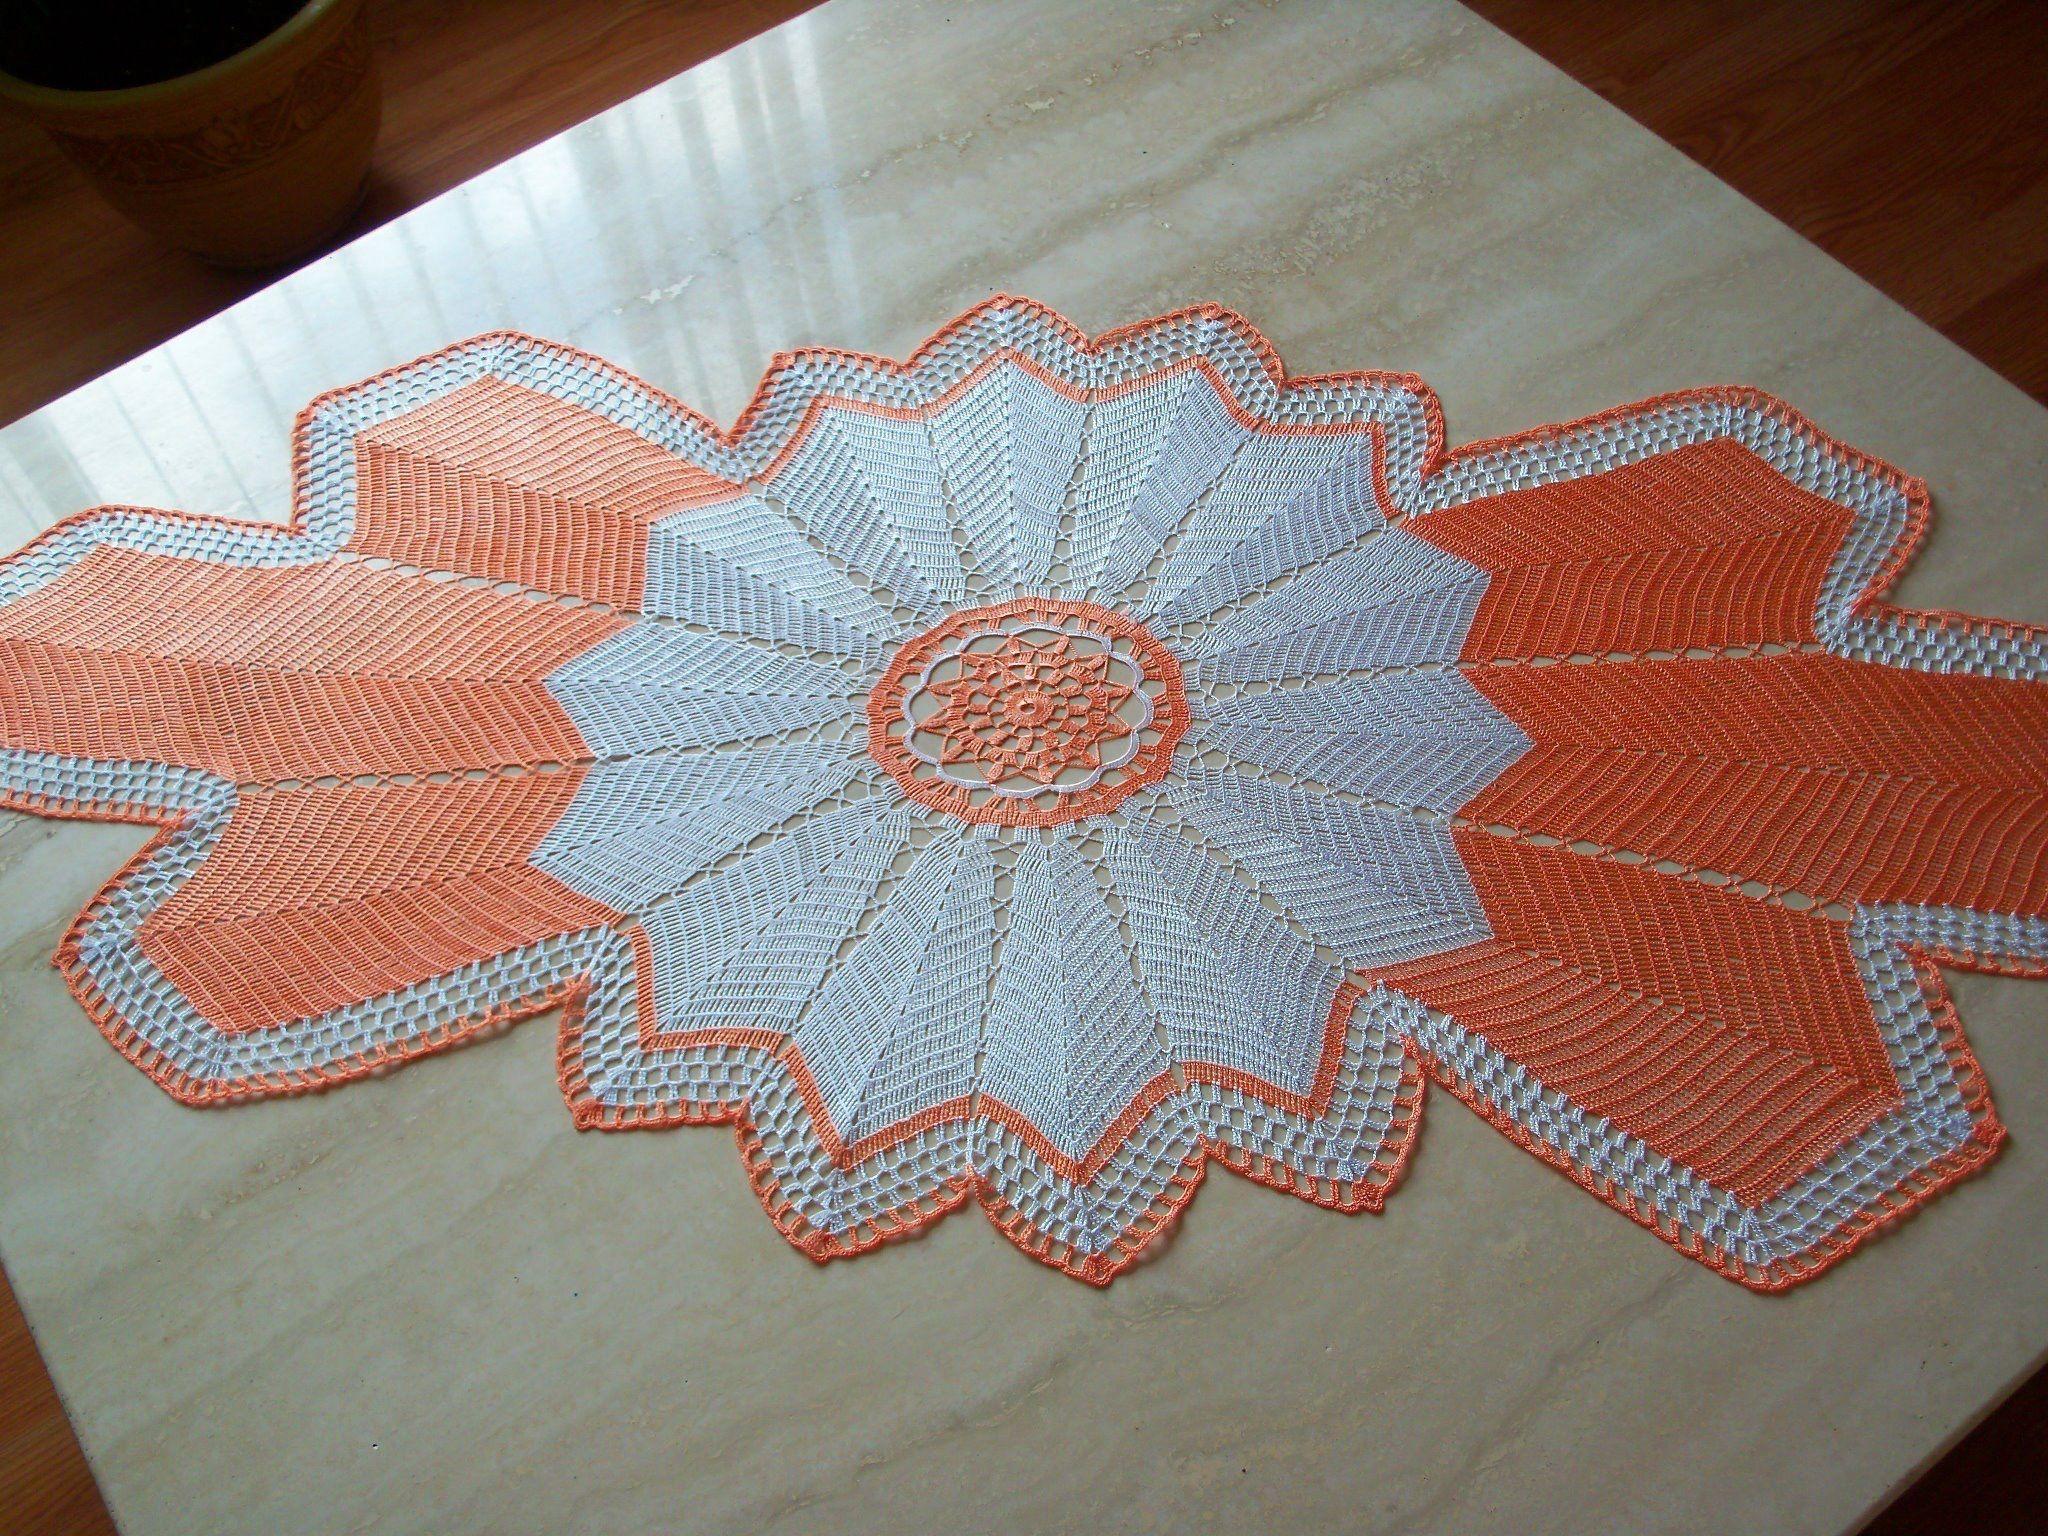 Pin von vanilza leonel auf Crochê | Pinterest | Deckchen ...